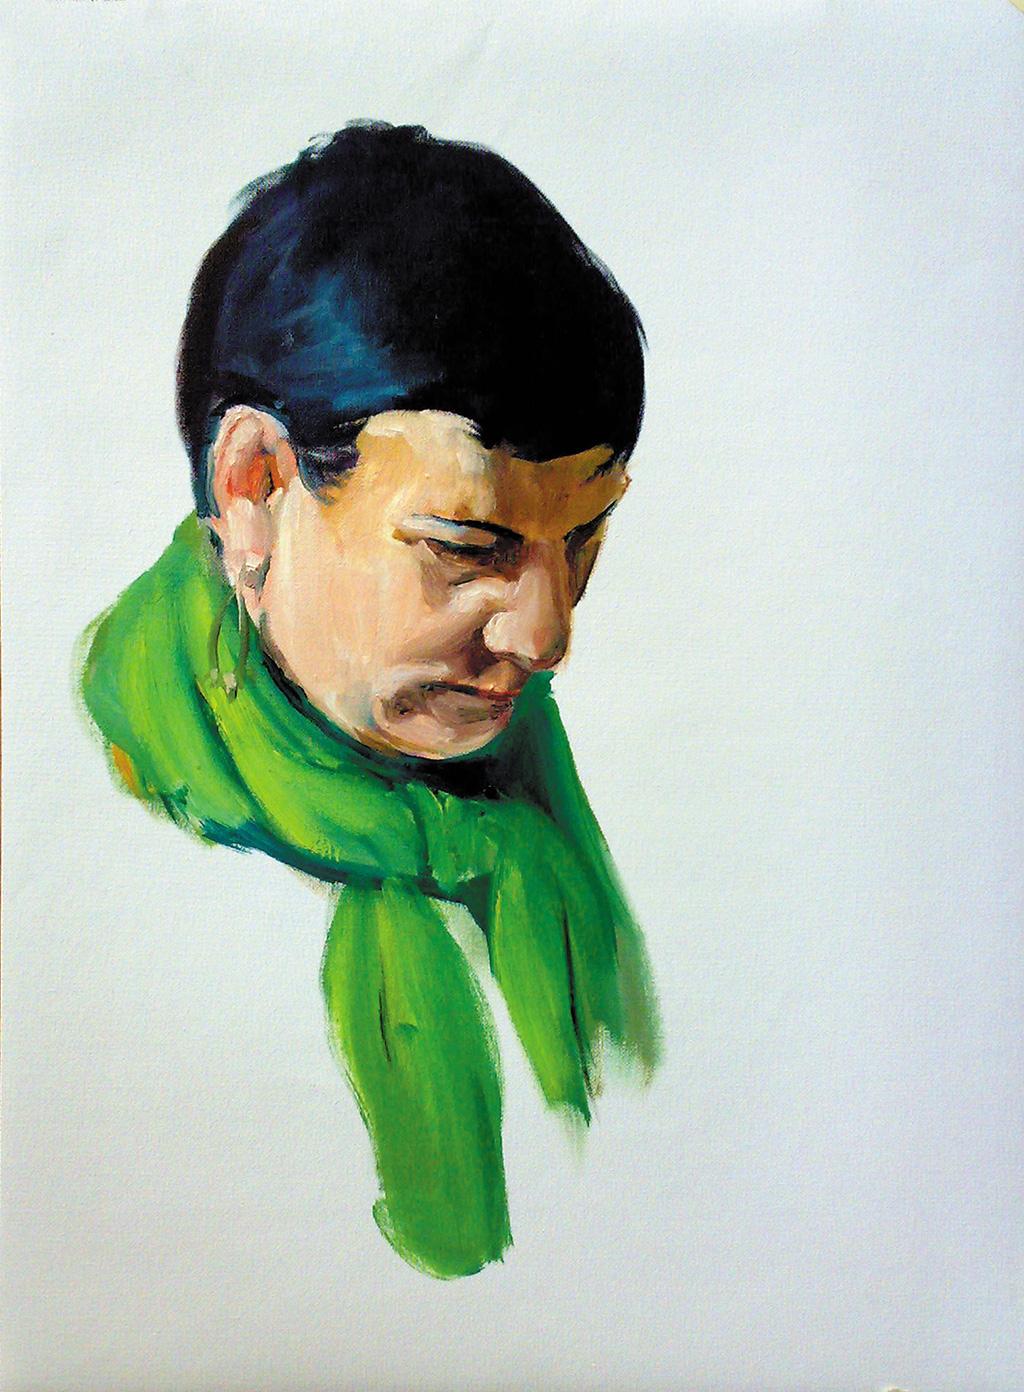 Rosa con Pañuelo Verde, venta de cuadros en Madrid